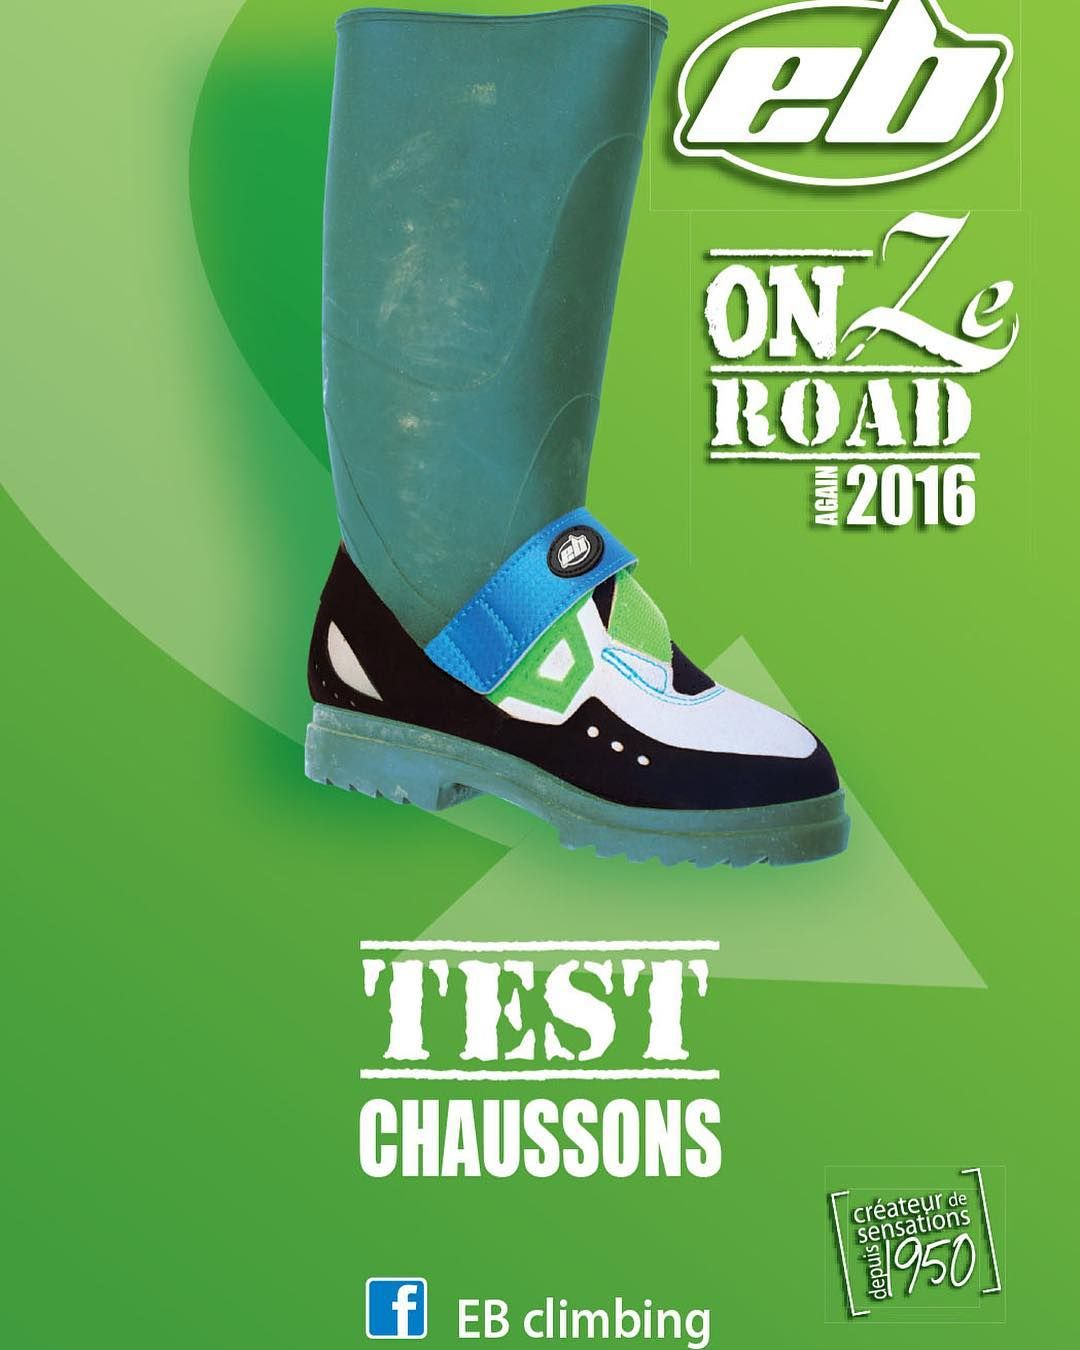 On enchaine notre deuxième semaine de tournée EB ON Ze ROAD avec @altissimolille  #climbing #test #bootdemo #eb #climbingshoes #guardian #django #captain #escalade #lille